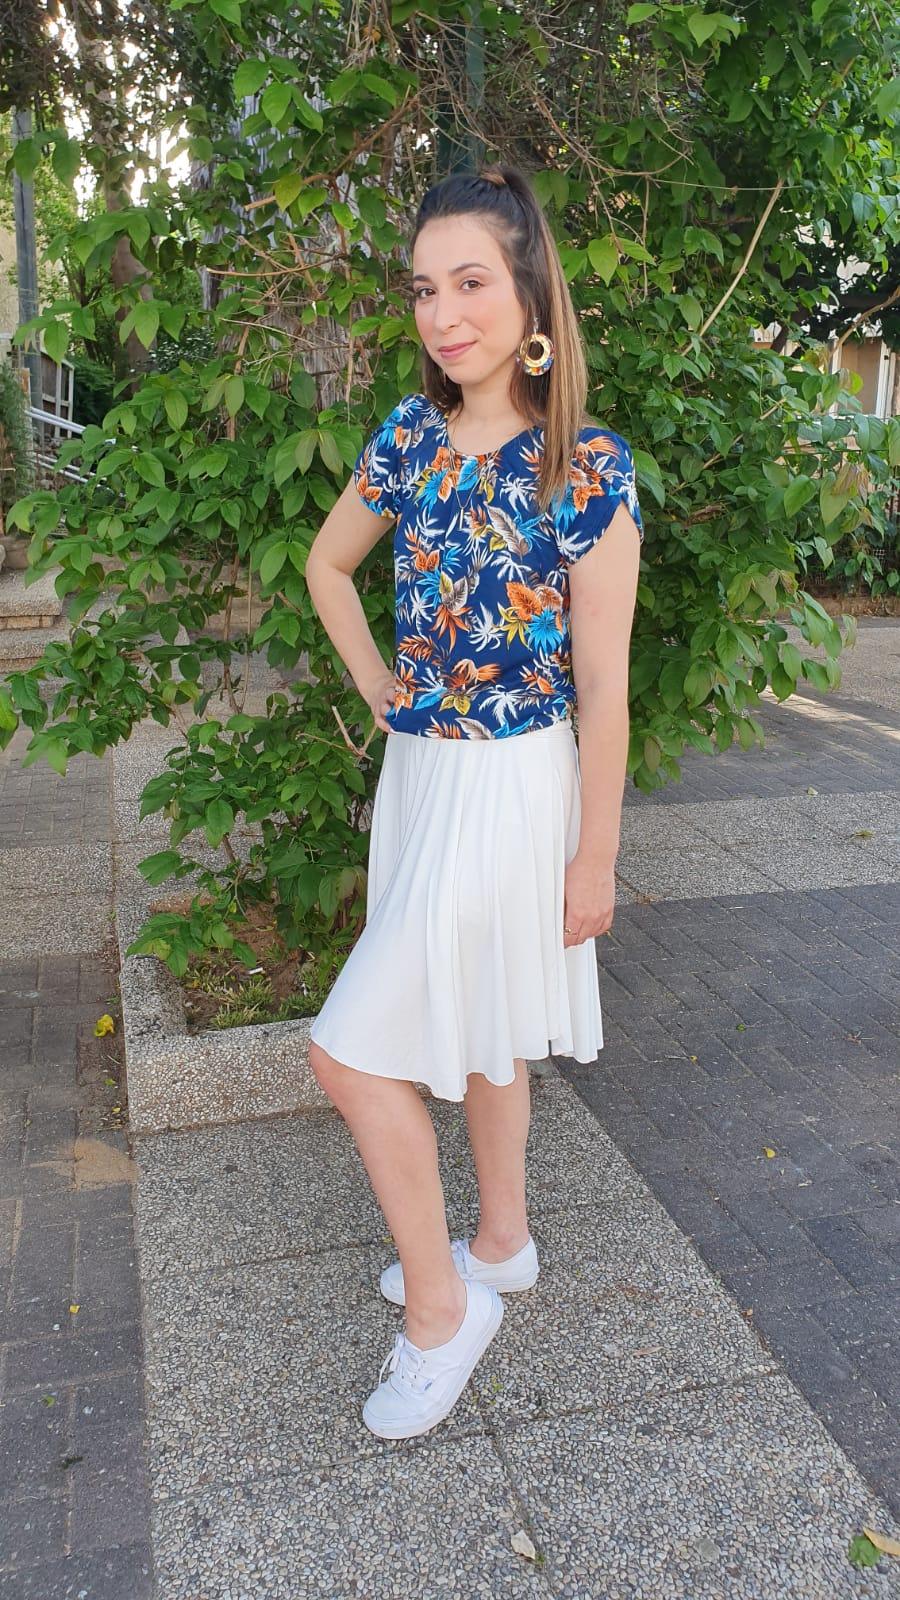 חצאית שגית